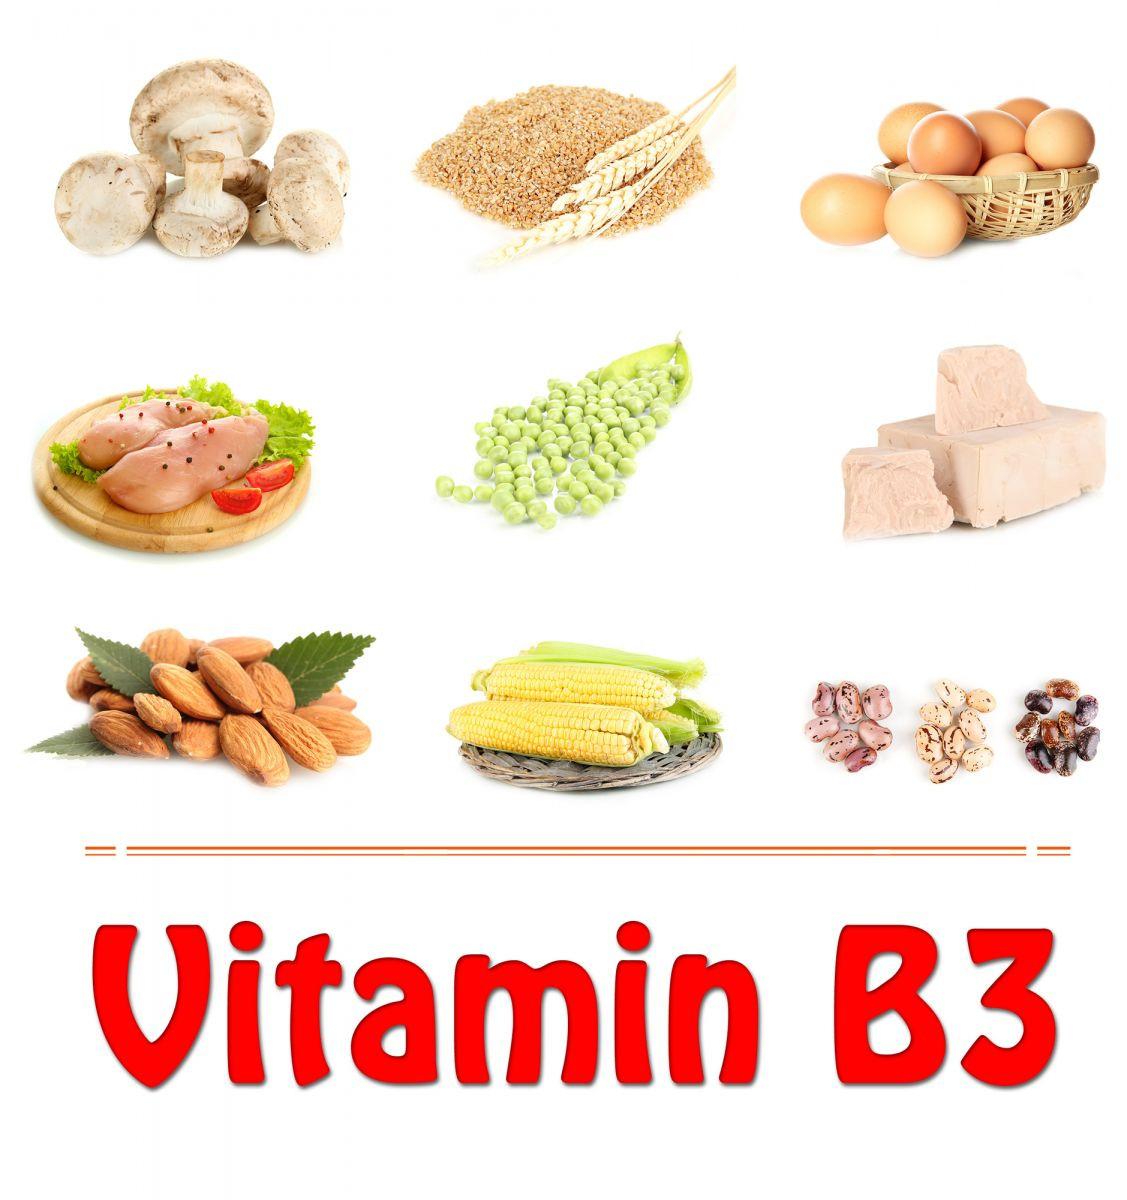 Холин: для чего витамин в4 нужен организму, в каких продуктах содержится, польза для детей, при похудении и другие аспекты